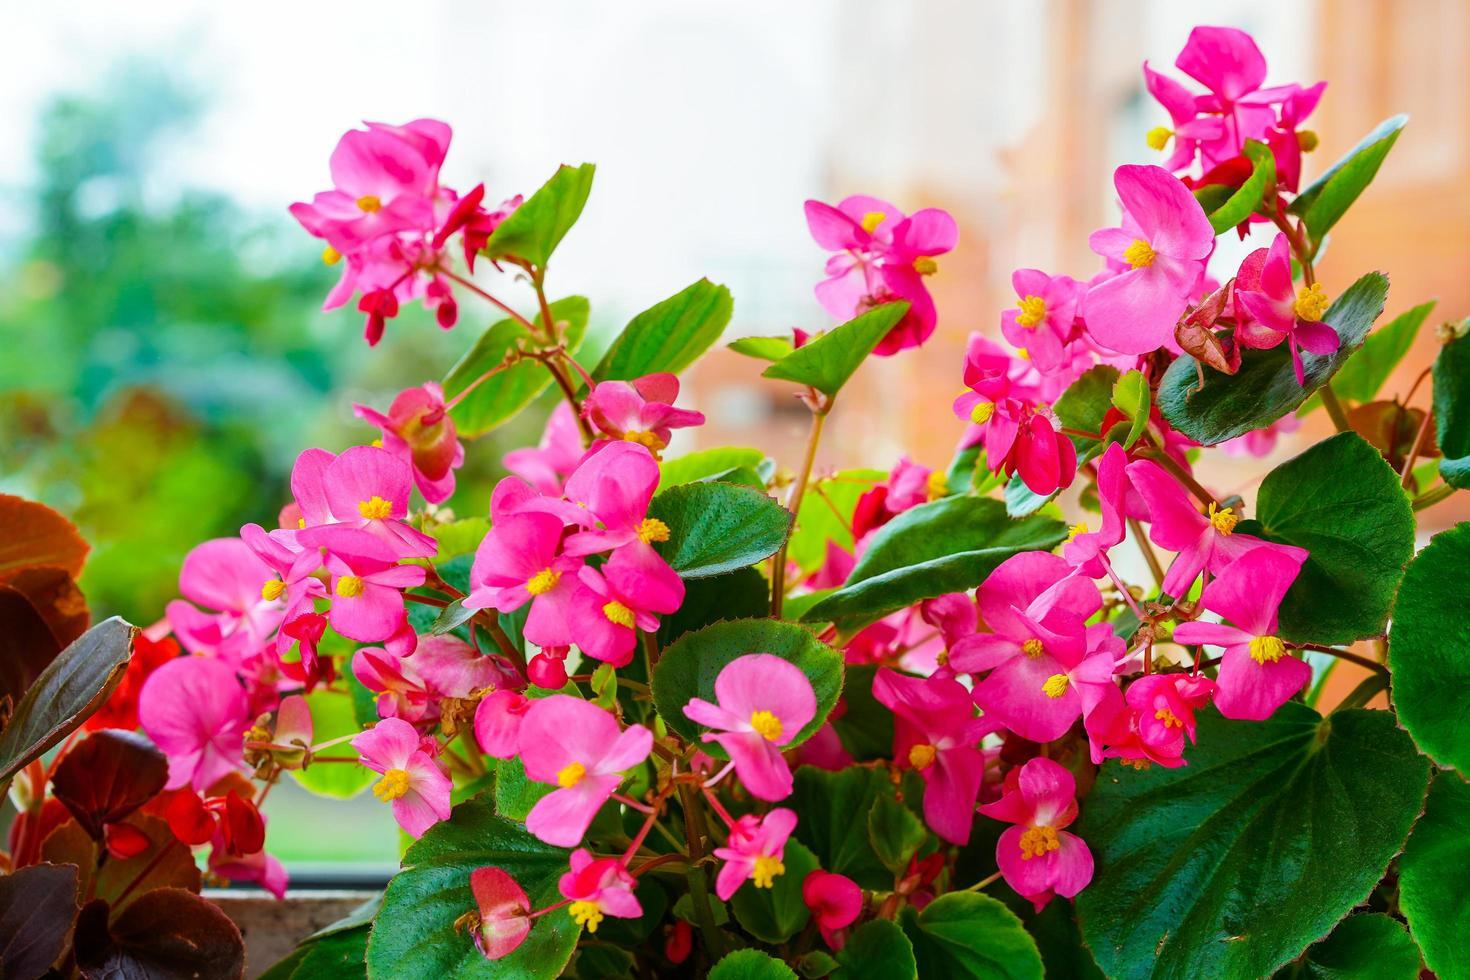 fiori di begonia rosa sul davanzale di una finestra foto